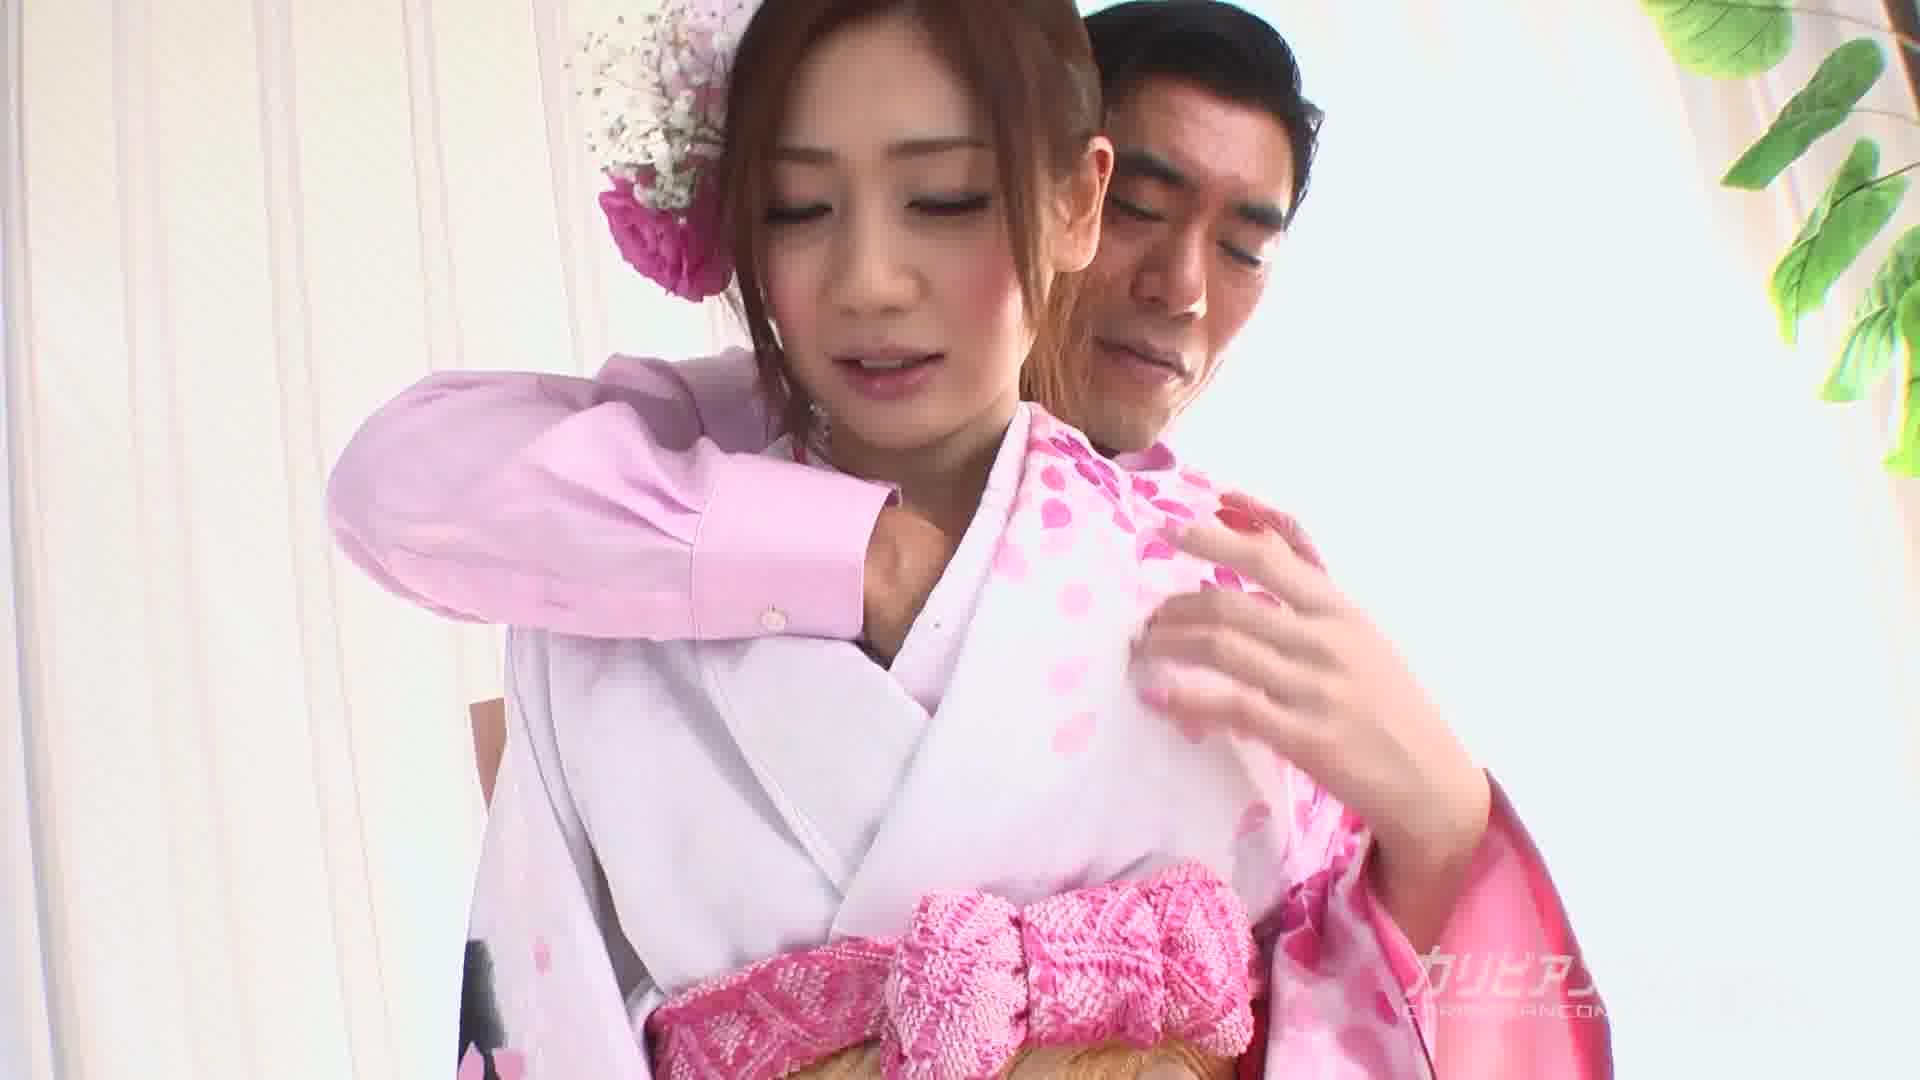 着物の下は卑猥な美マン - 前田かおり【ぶっかけ・浴衣・中出し】